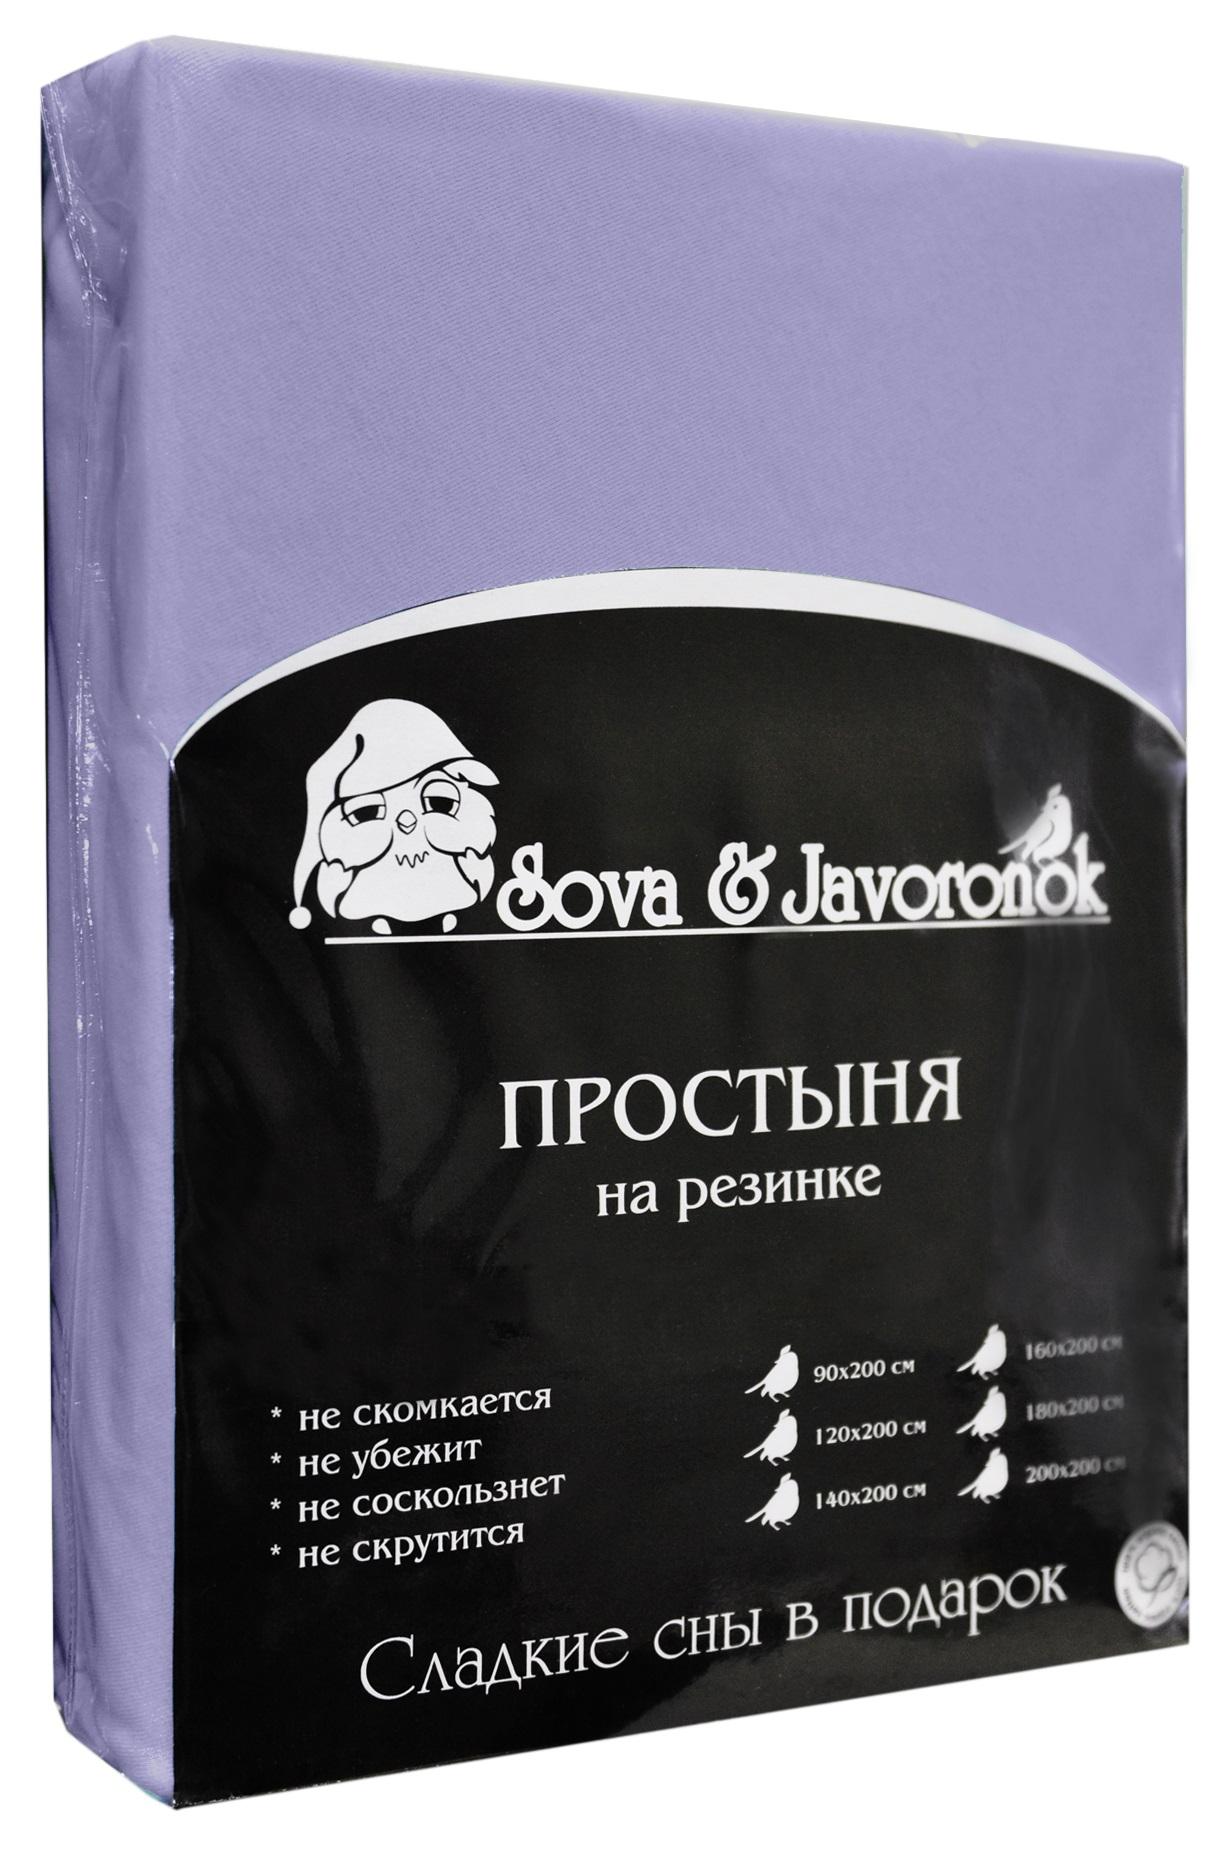 Простыня на резинке Sova & Javoronok, цвет: сиреневый, 140 см х 200 смES-412Простыня на резинке Sova & Javoronok, изготовленная из трикотажной ткани (100% хлопок), будет превосходно смотреться с любыми комплектами белья. Хлопчатобумажный трикотаж по праву считается одним из самых качественных, прочных и при этом приятных на ощупь. Его гигиеничность позволяет использовать простыню и в детских комнатах, к тому же 100%-ый хлопок в составе ткани не вызовет аллергии. У трикотажного полотна очень интересная структура, немного рыхлая за счет отсутствия плотного переплетения нитей и наличия особых петель, благодаря этому простыня Сова и Жаворонок отлично пропускает воздух и способствует его постоянной циркуляции. Поэтому ваша постель будет всегда оставаться свежей. Но главное и, пожалуй, самое известное свойство трикотажа - это его великолепная растяжимость, поэтому эта ткань и была выбрана для натяжной простыни на резинке.Простыня прошита резинкой по всему периметру, что обеспечивает более комфортный отдых, так как она прочно удерживается на матрасе и избавляет от необходимости часто поправлять простыню.